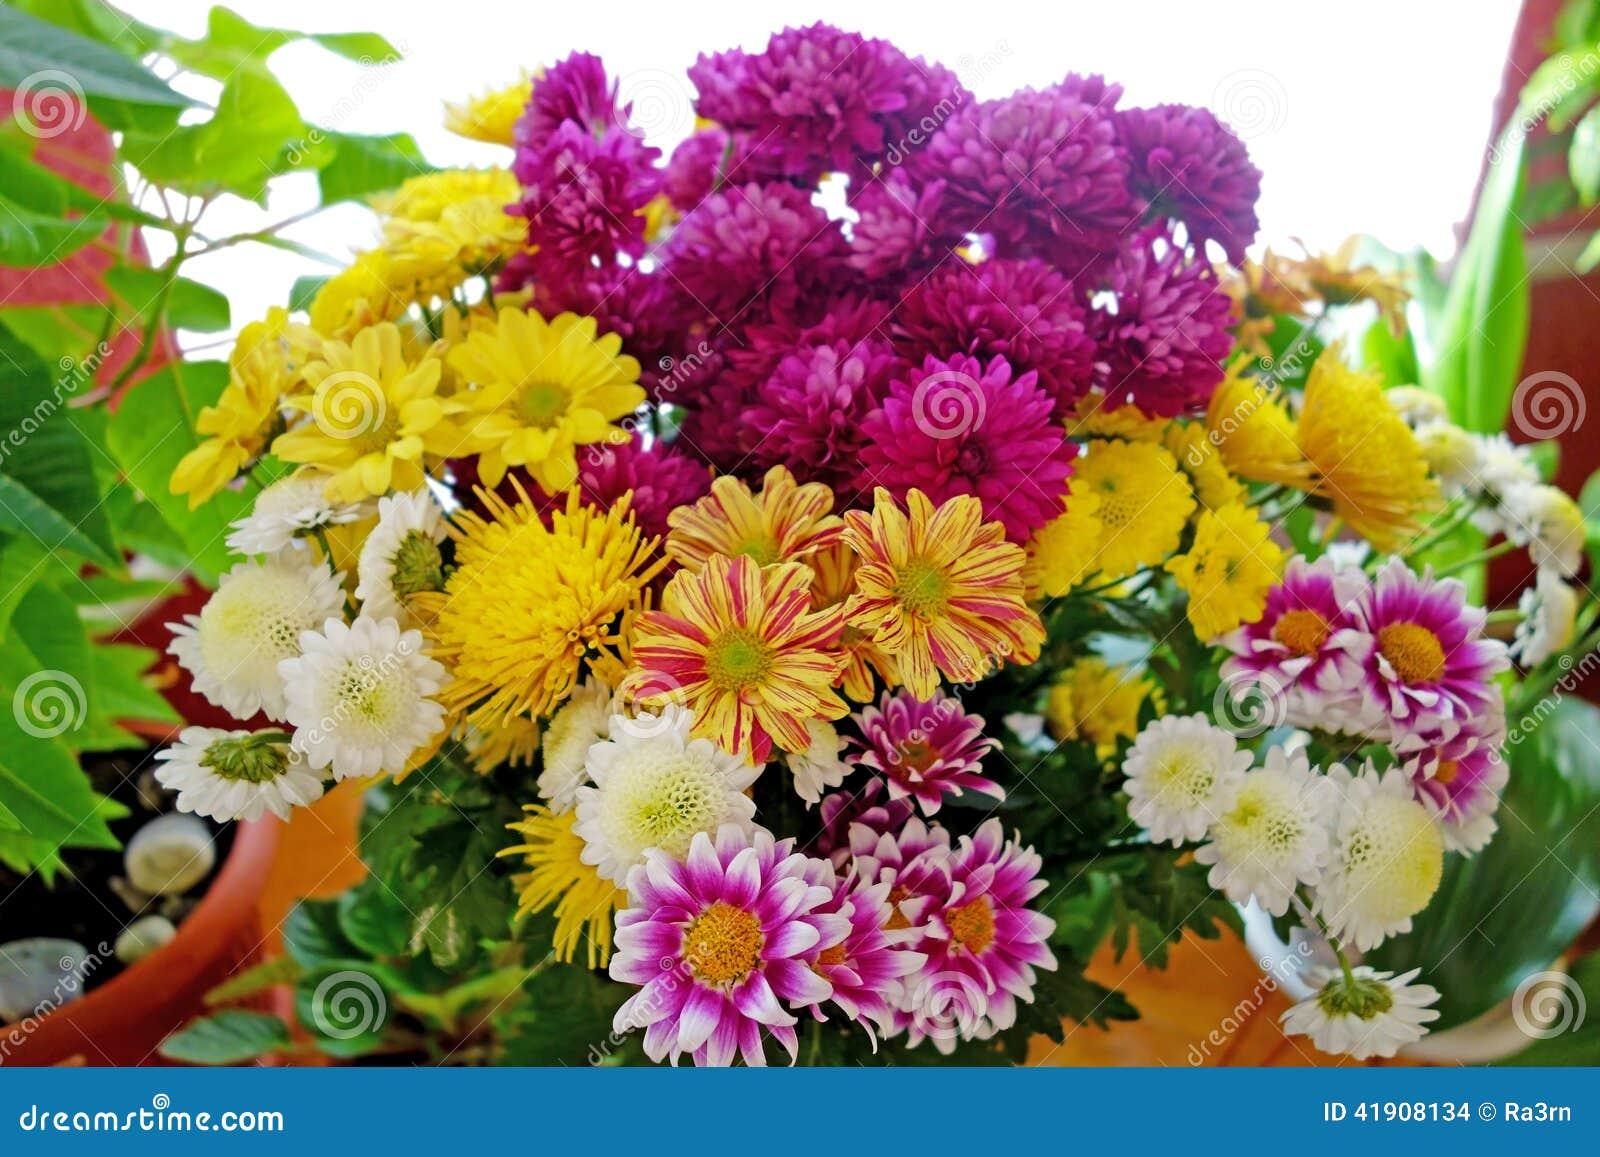 Fabuleux Grand Bouquet De Belles Fleurs Photo stock - Image: 41908134 HW58